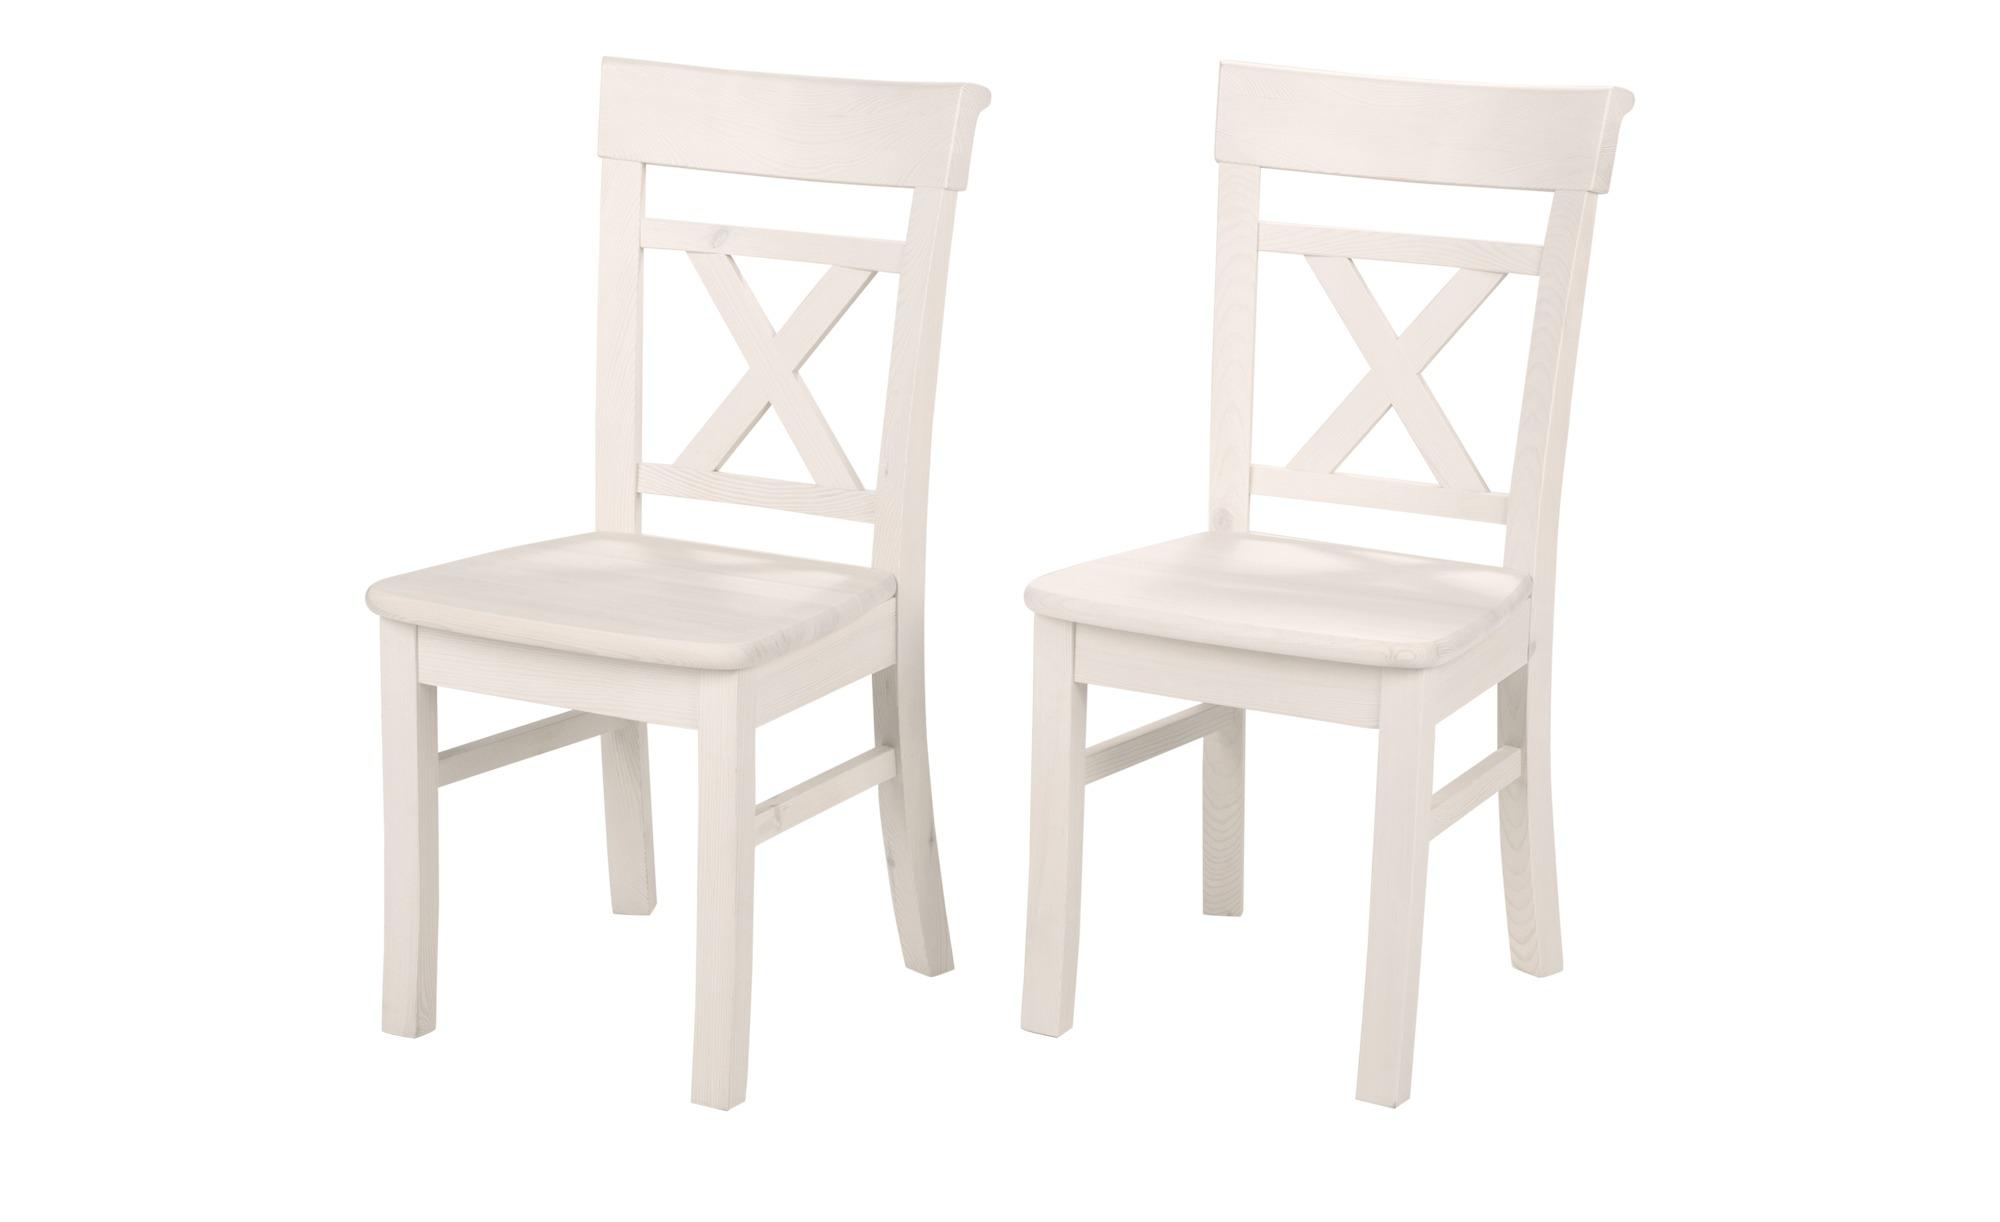 2er Set Massivholz Stuhle Bornholm Gefunden Bei Mobel Hoffner Stuhle Holz Esszimmerstuhle